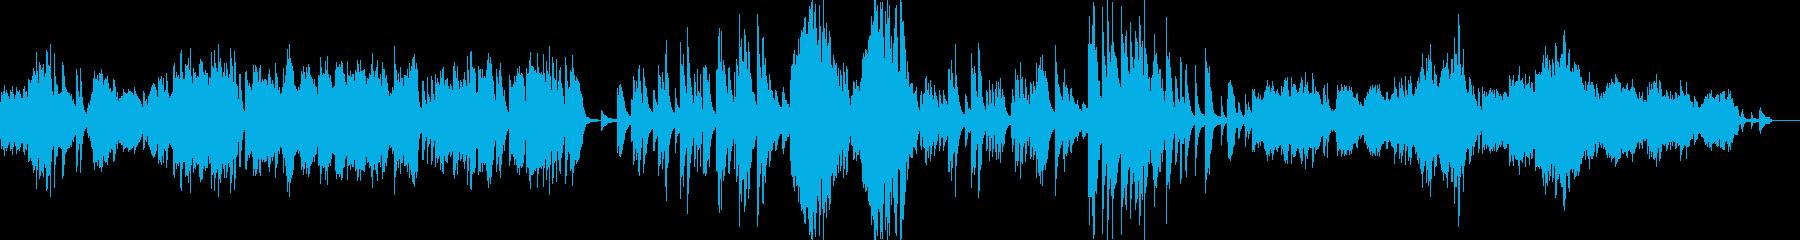 ドビュッシーの人気曲、アラベスク第一番の再生済みの波形